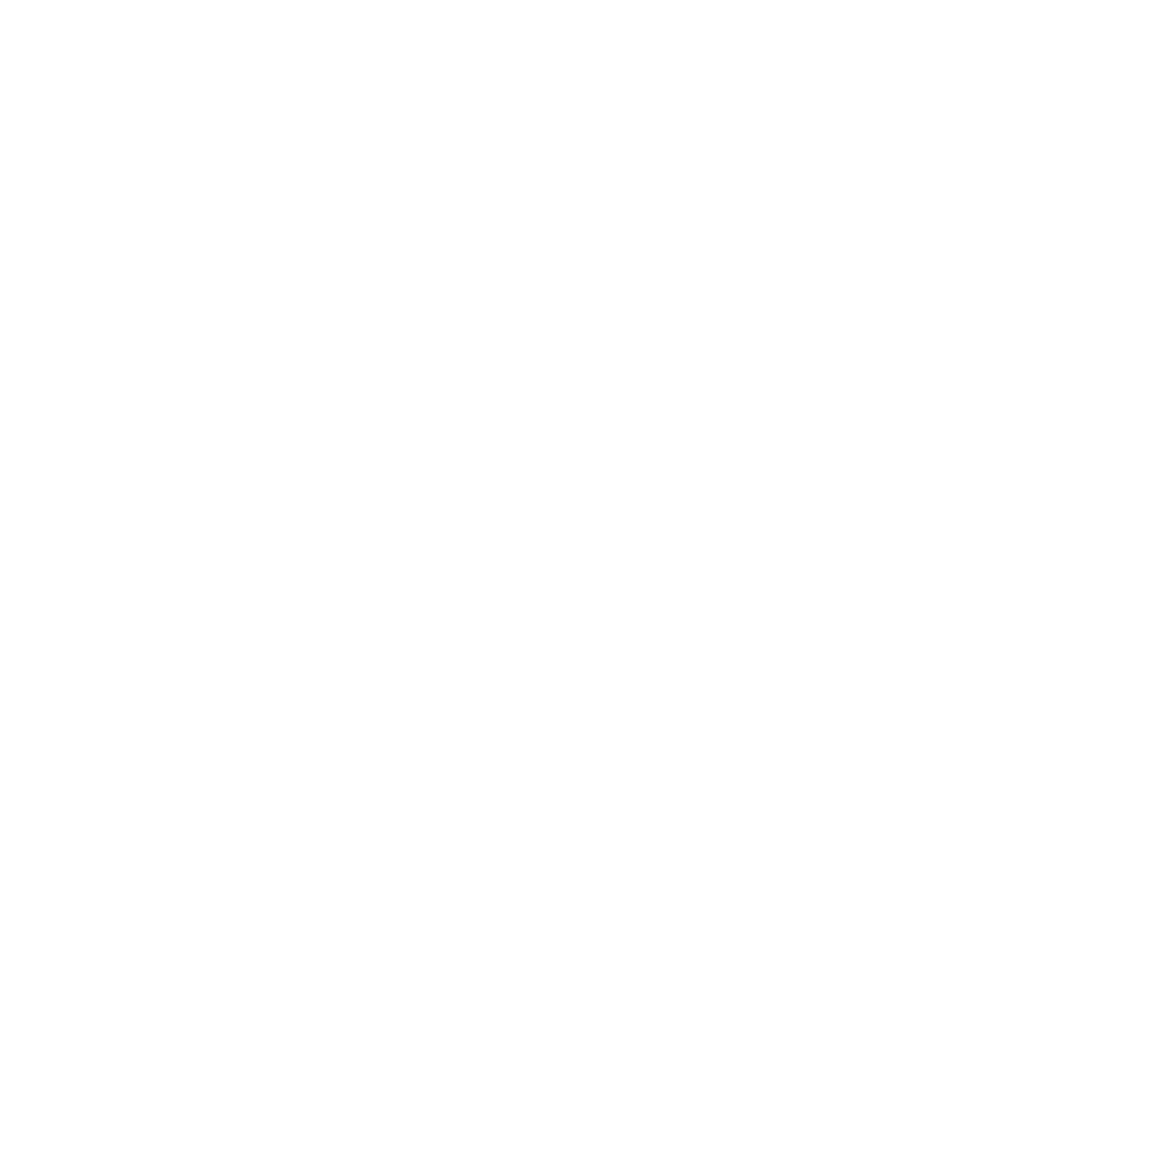 De Voerman logo 2020 met tekst - Wit met transparante achtergrond